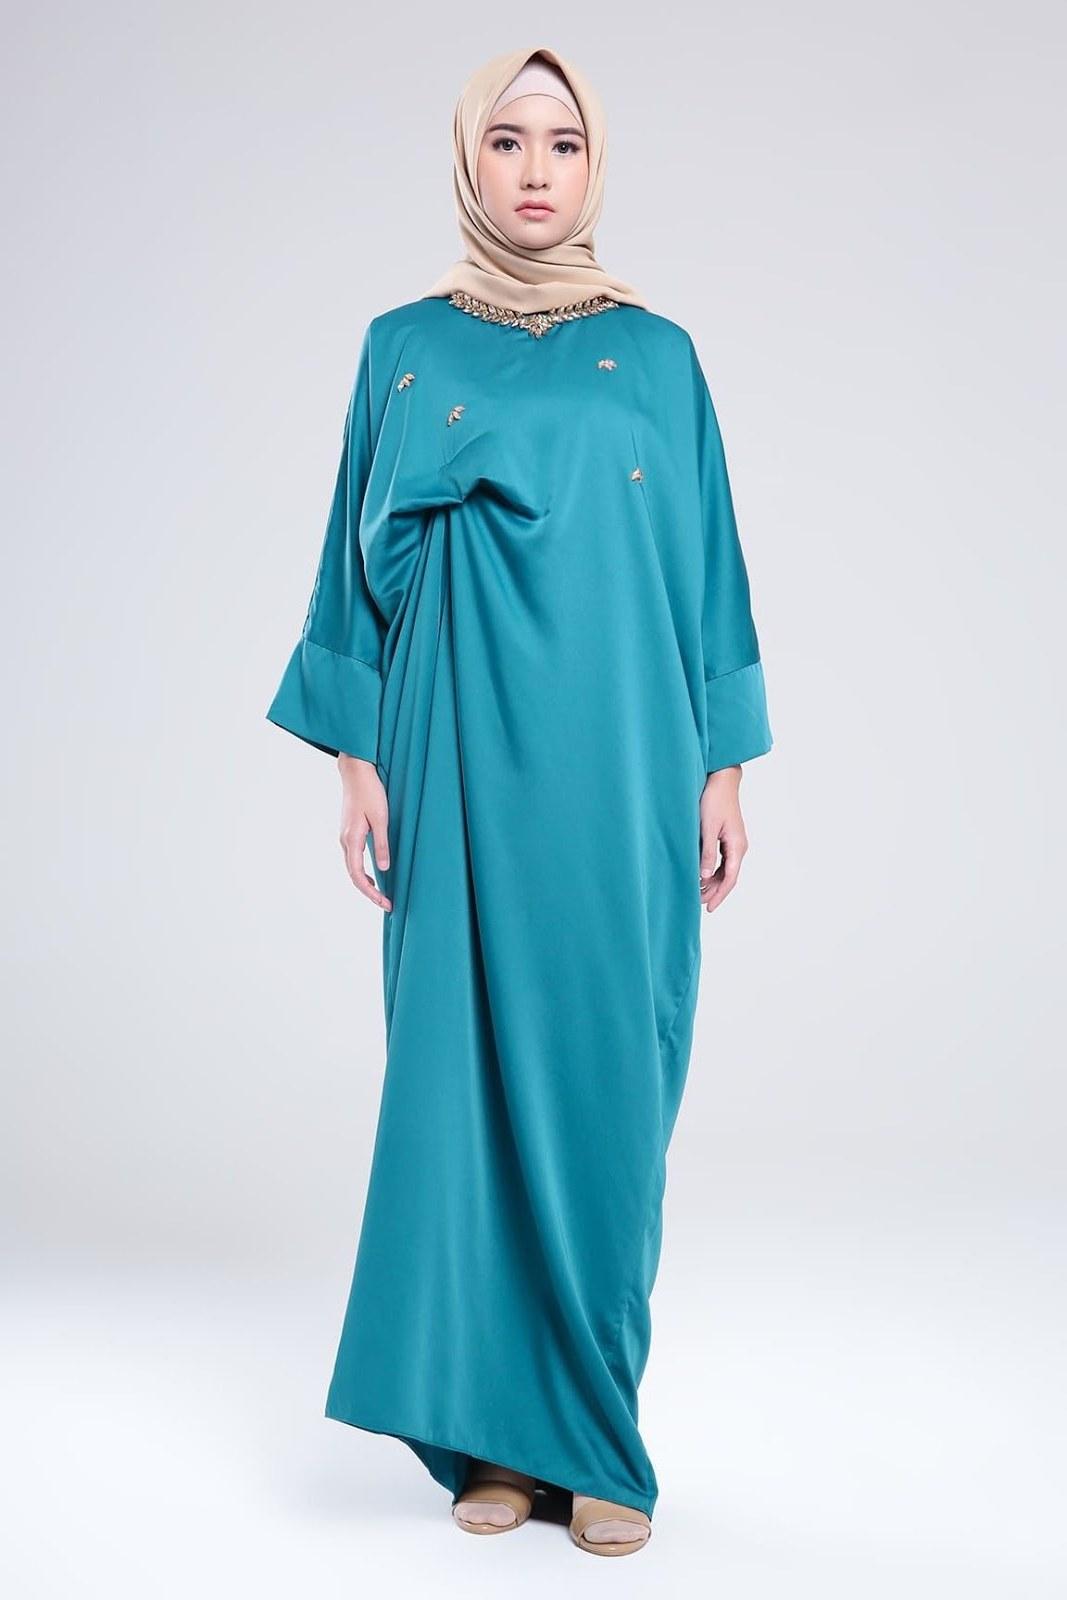 Model Baju Lebaran Perempuan 2018 Tldn Trend Baju Lebaran 2018 Menurut Desainer Ternama Indonesia